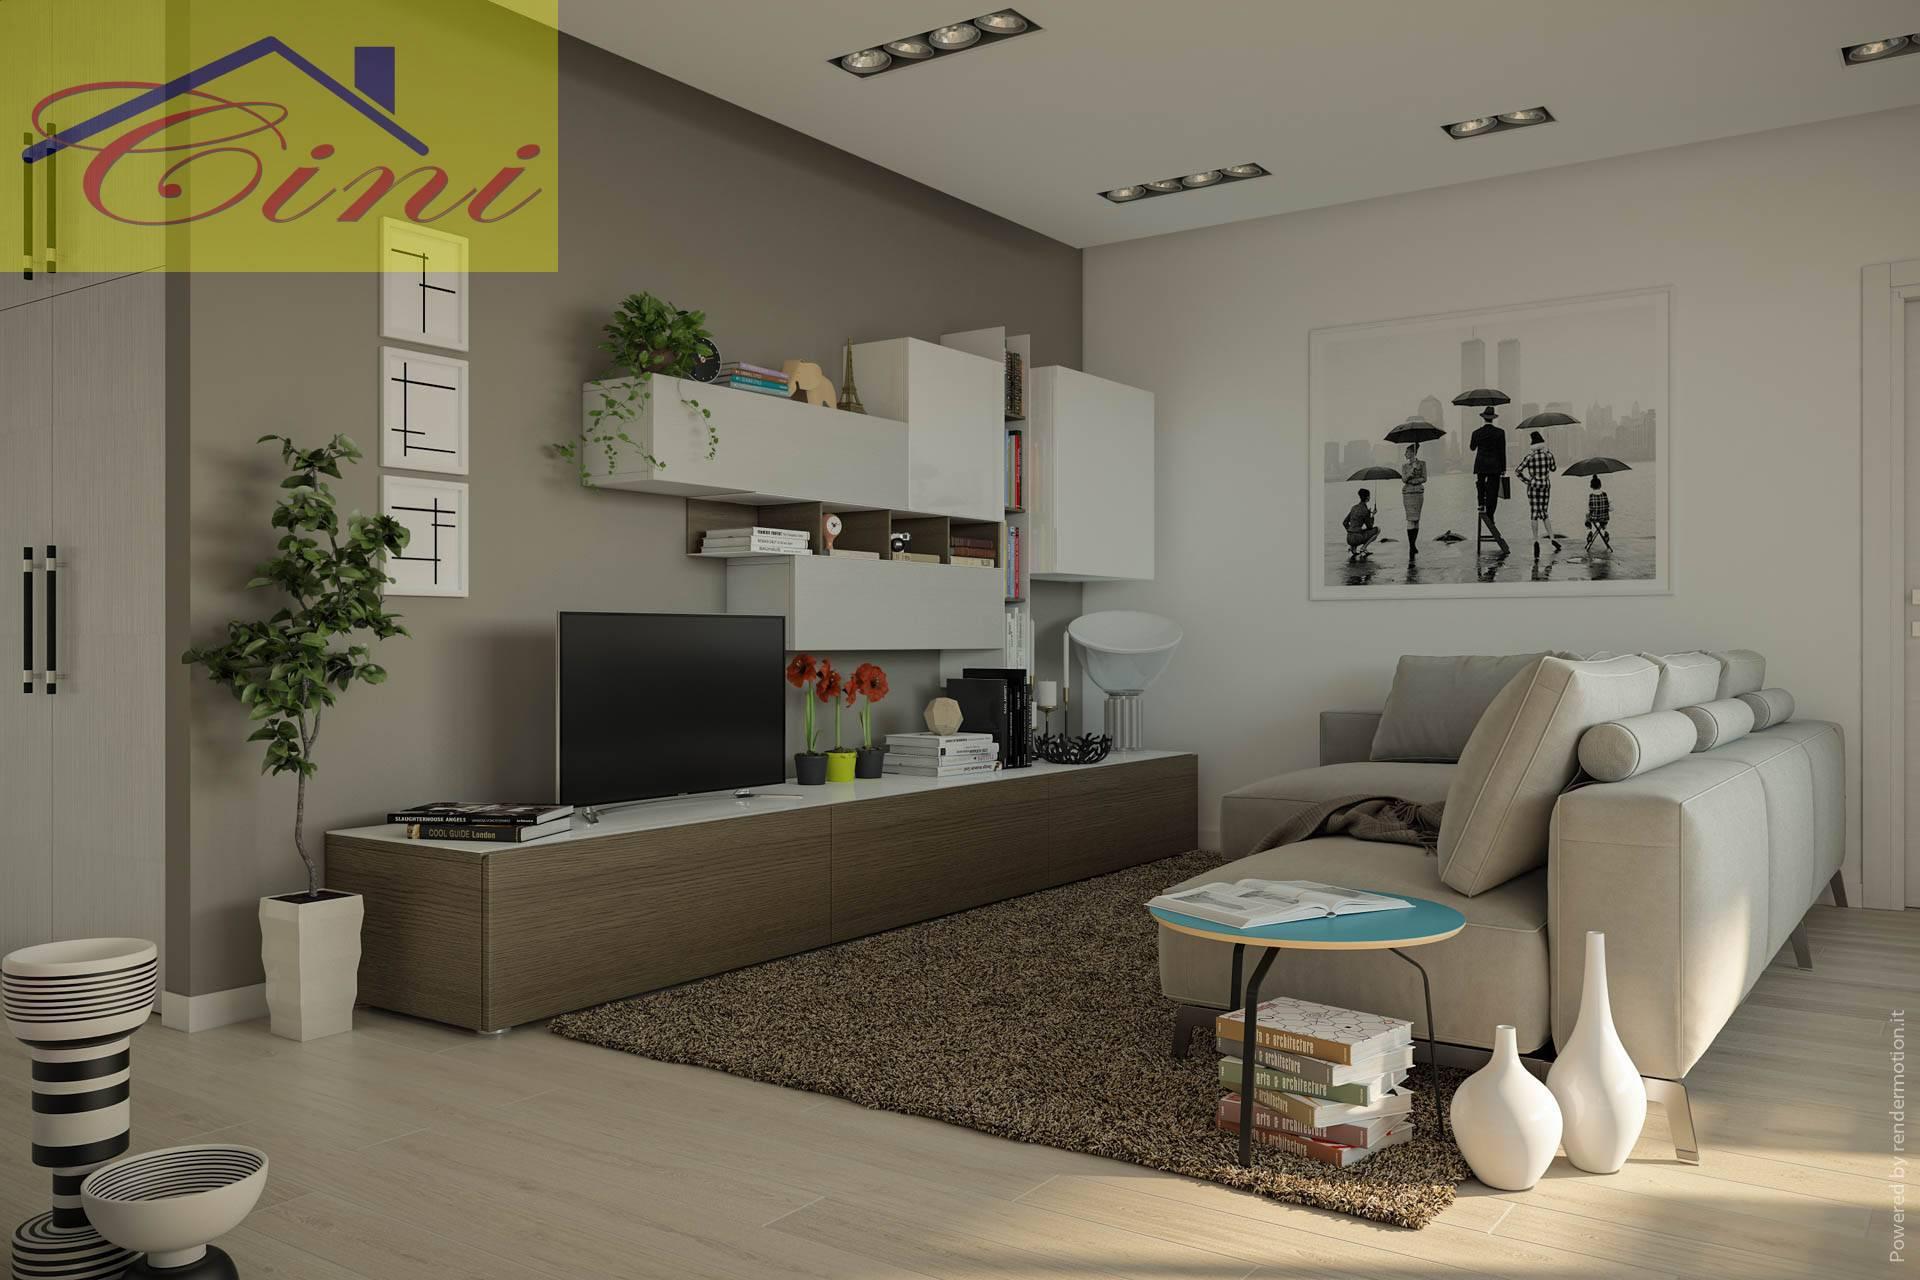 Vendita Trilocale Appartamento Lecco 165964